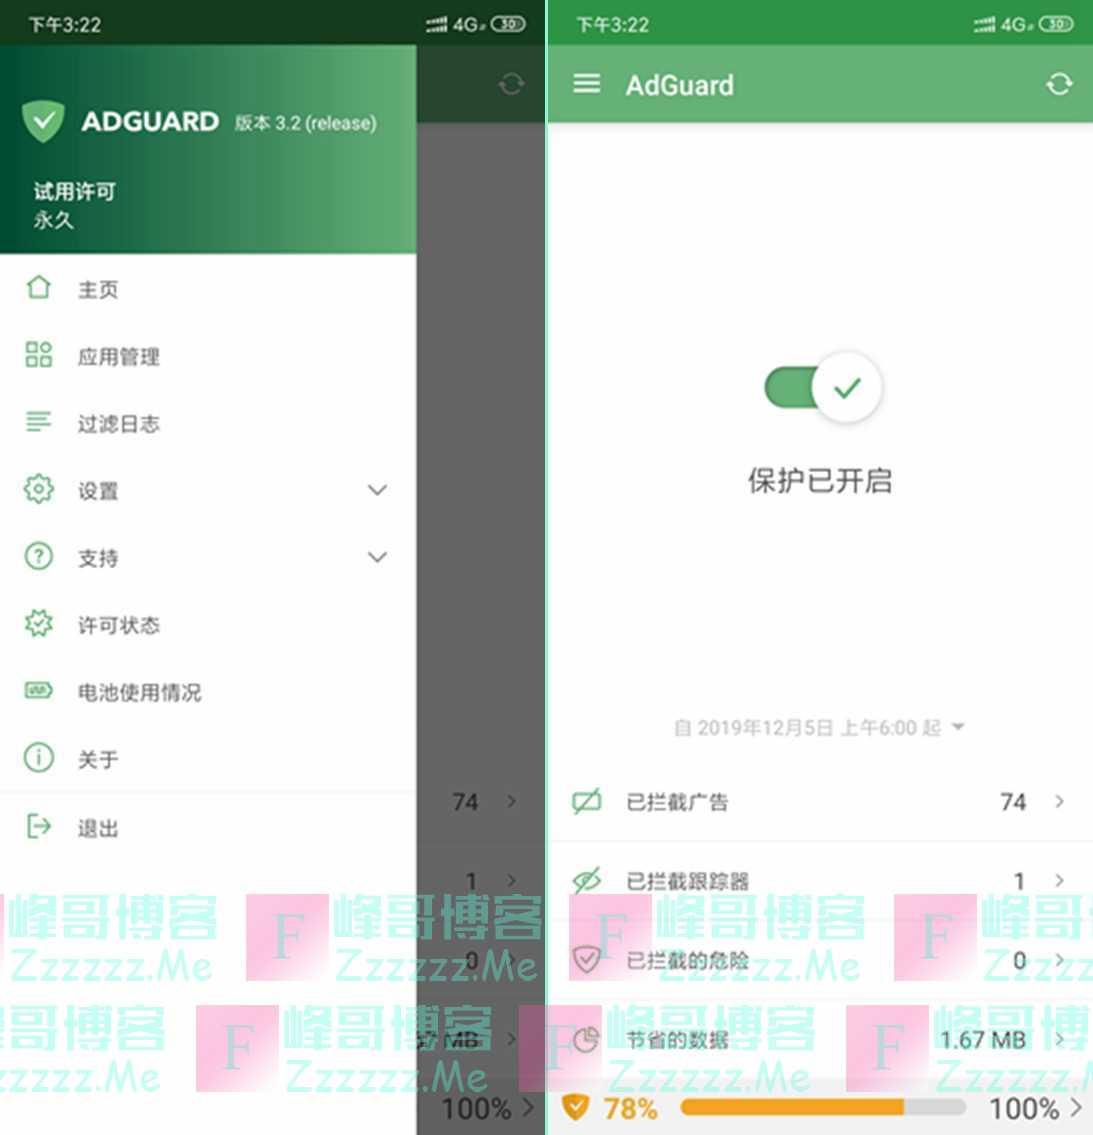 安卓Adguard V3.2.150 广告拦截过滤神器永久高级许可中文汉化破解版下载